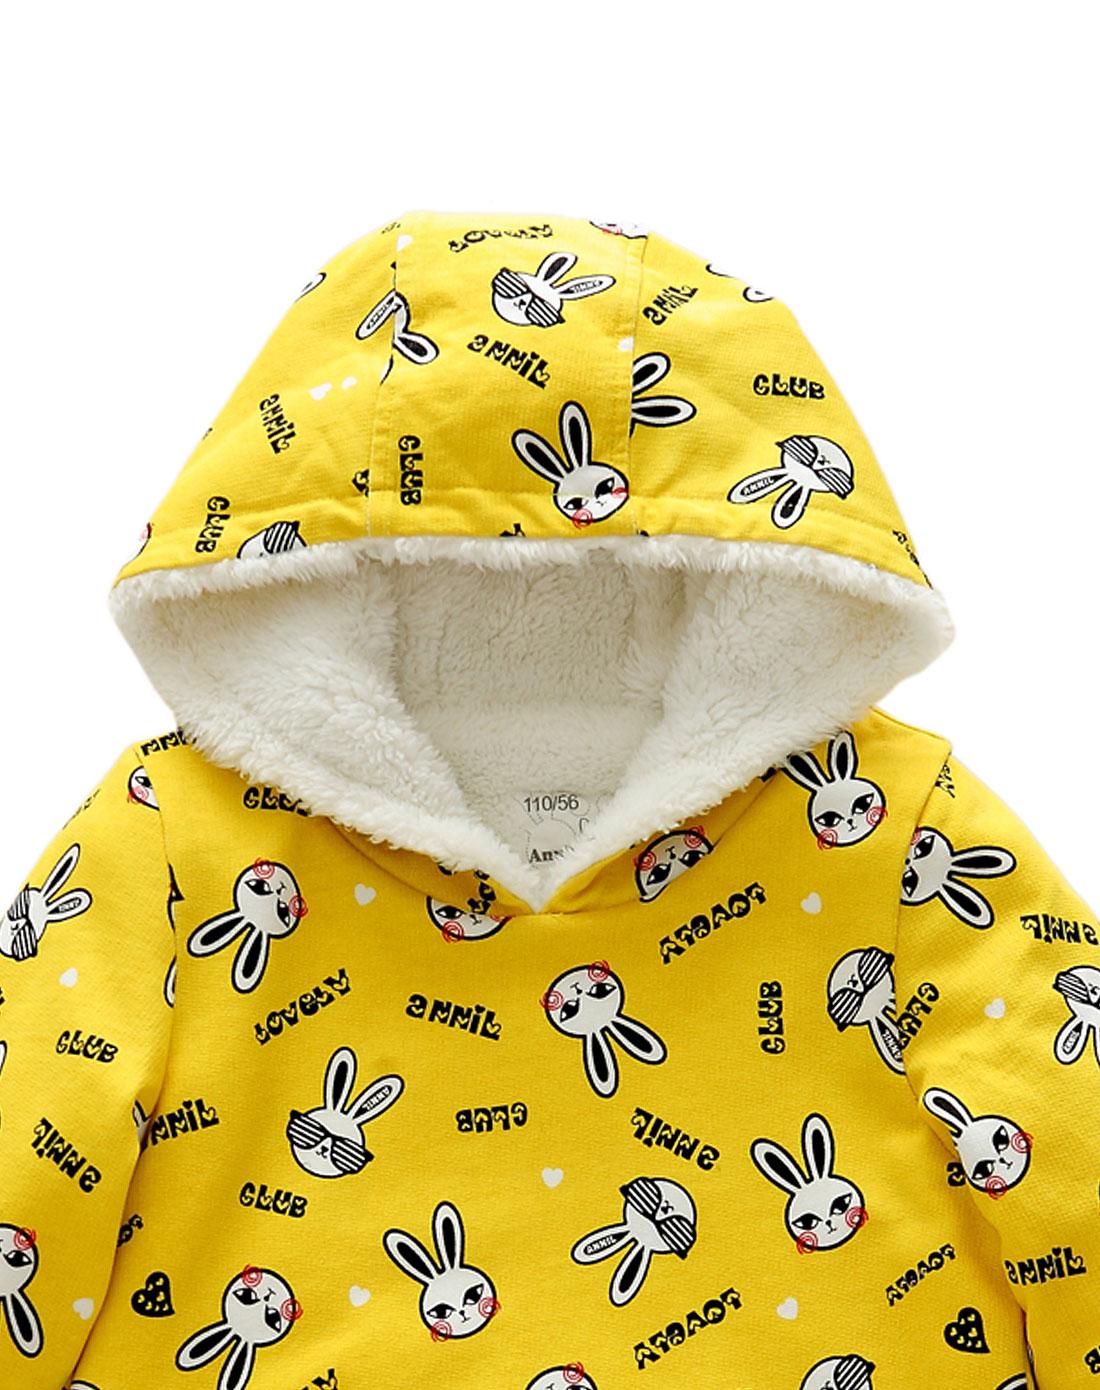 安奈儿annil男女童装混合专场女童黄色可爱小兔连帽长款长袖上衣